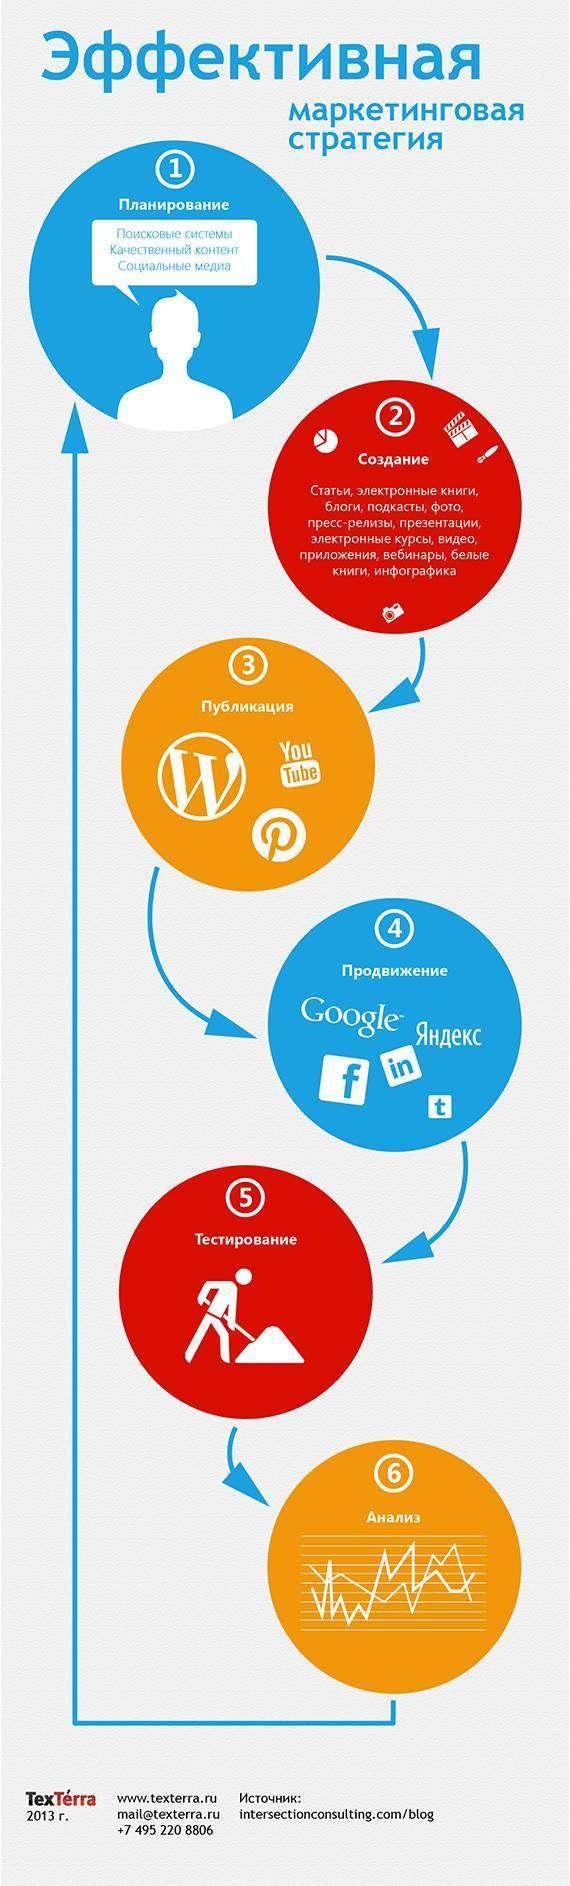 Ефективна маркетингова стратегія (Інфографіка)